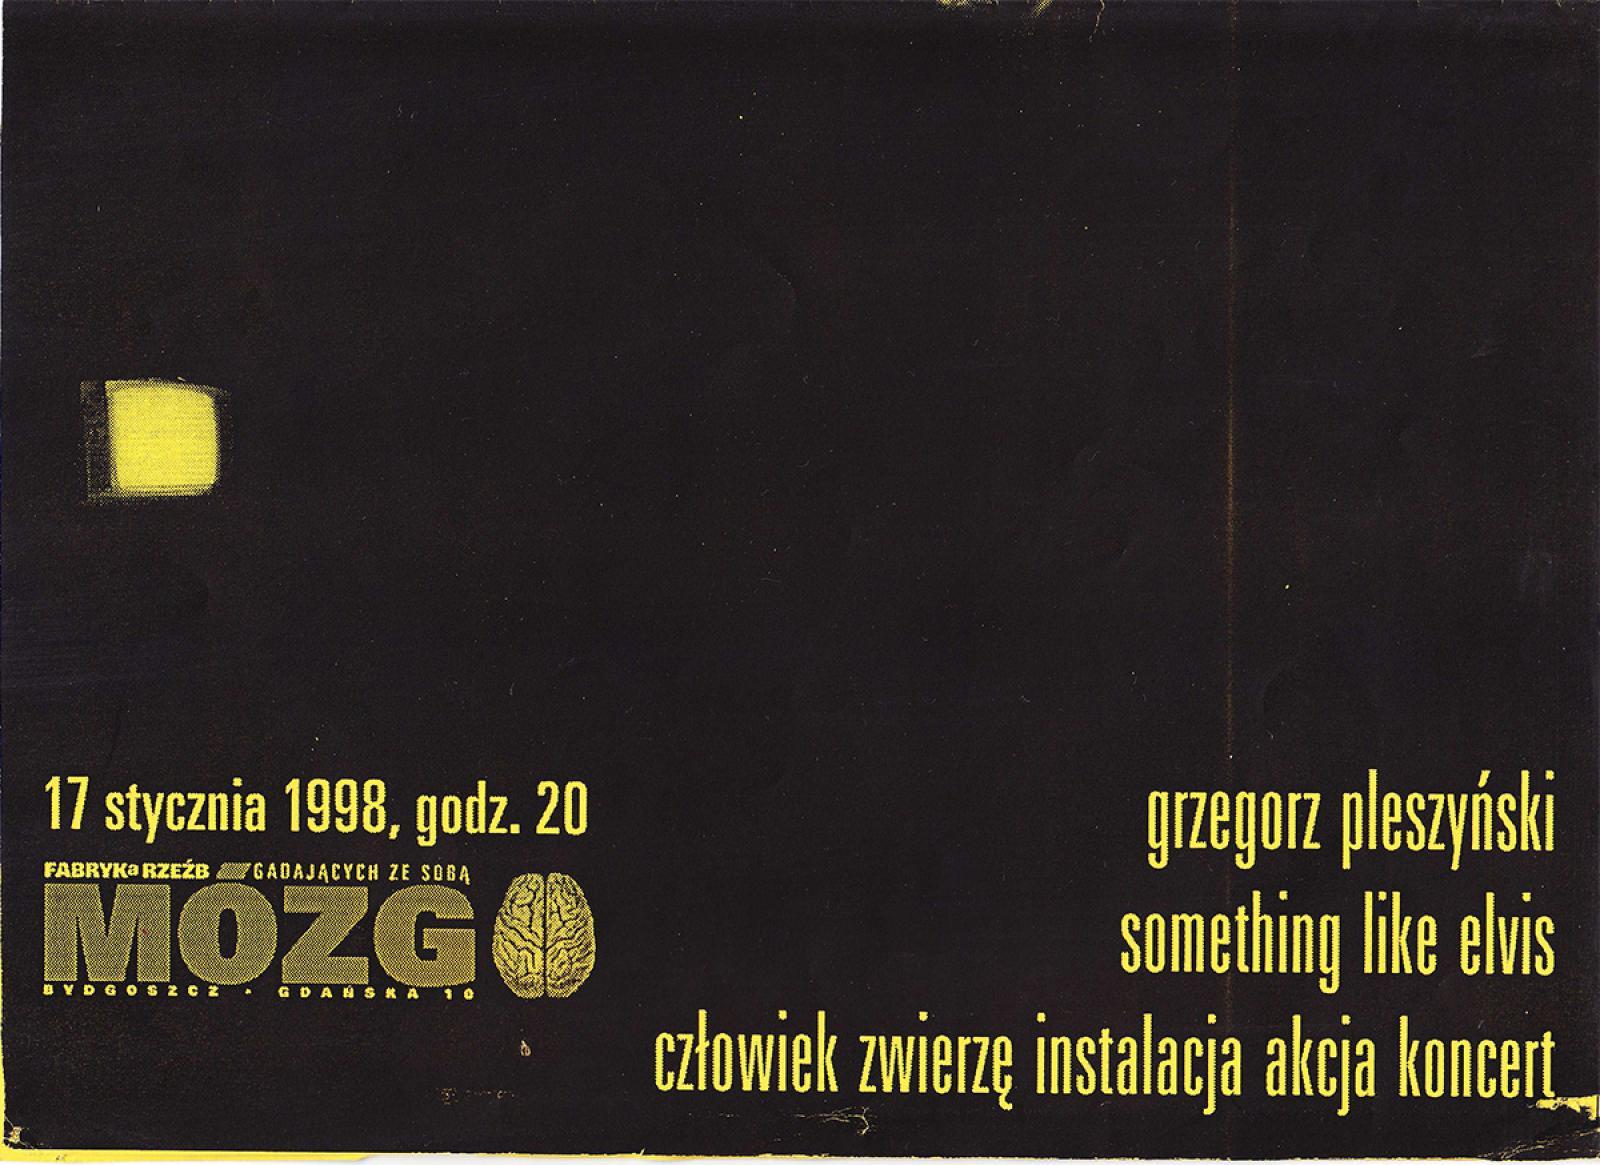 """Something Like Elvis - koncert,<br /><br /> Grzegorz Pleszyński """"Człowiek zwierzę"""" - instalacja, performance"""